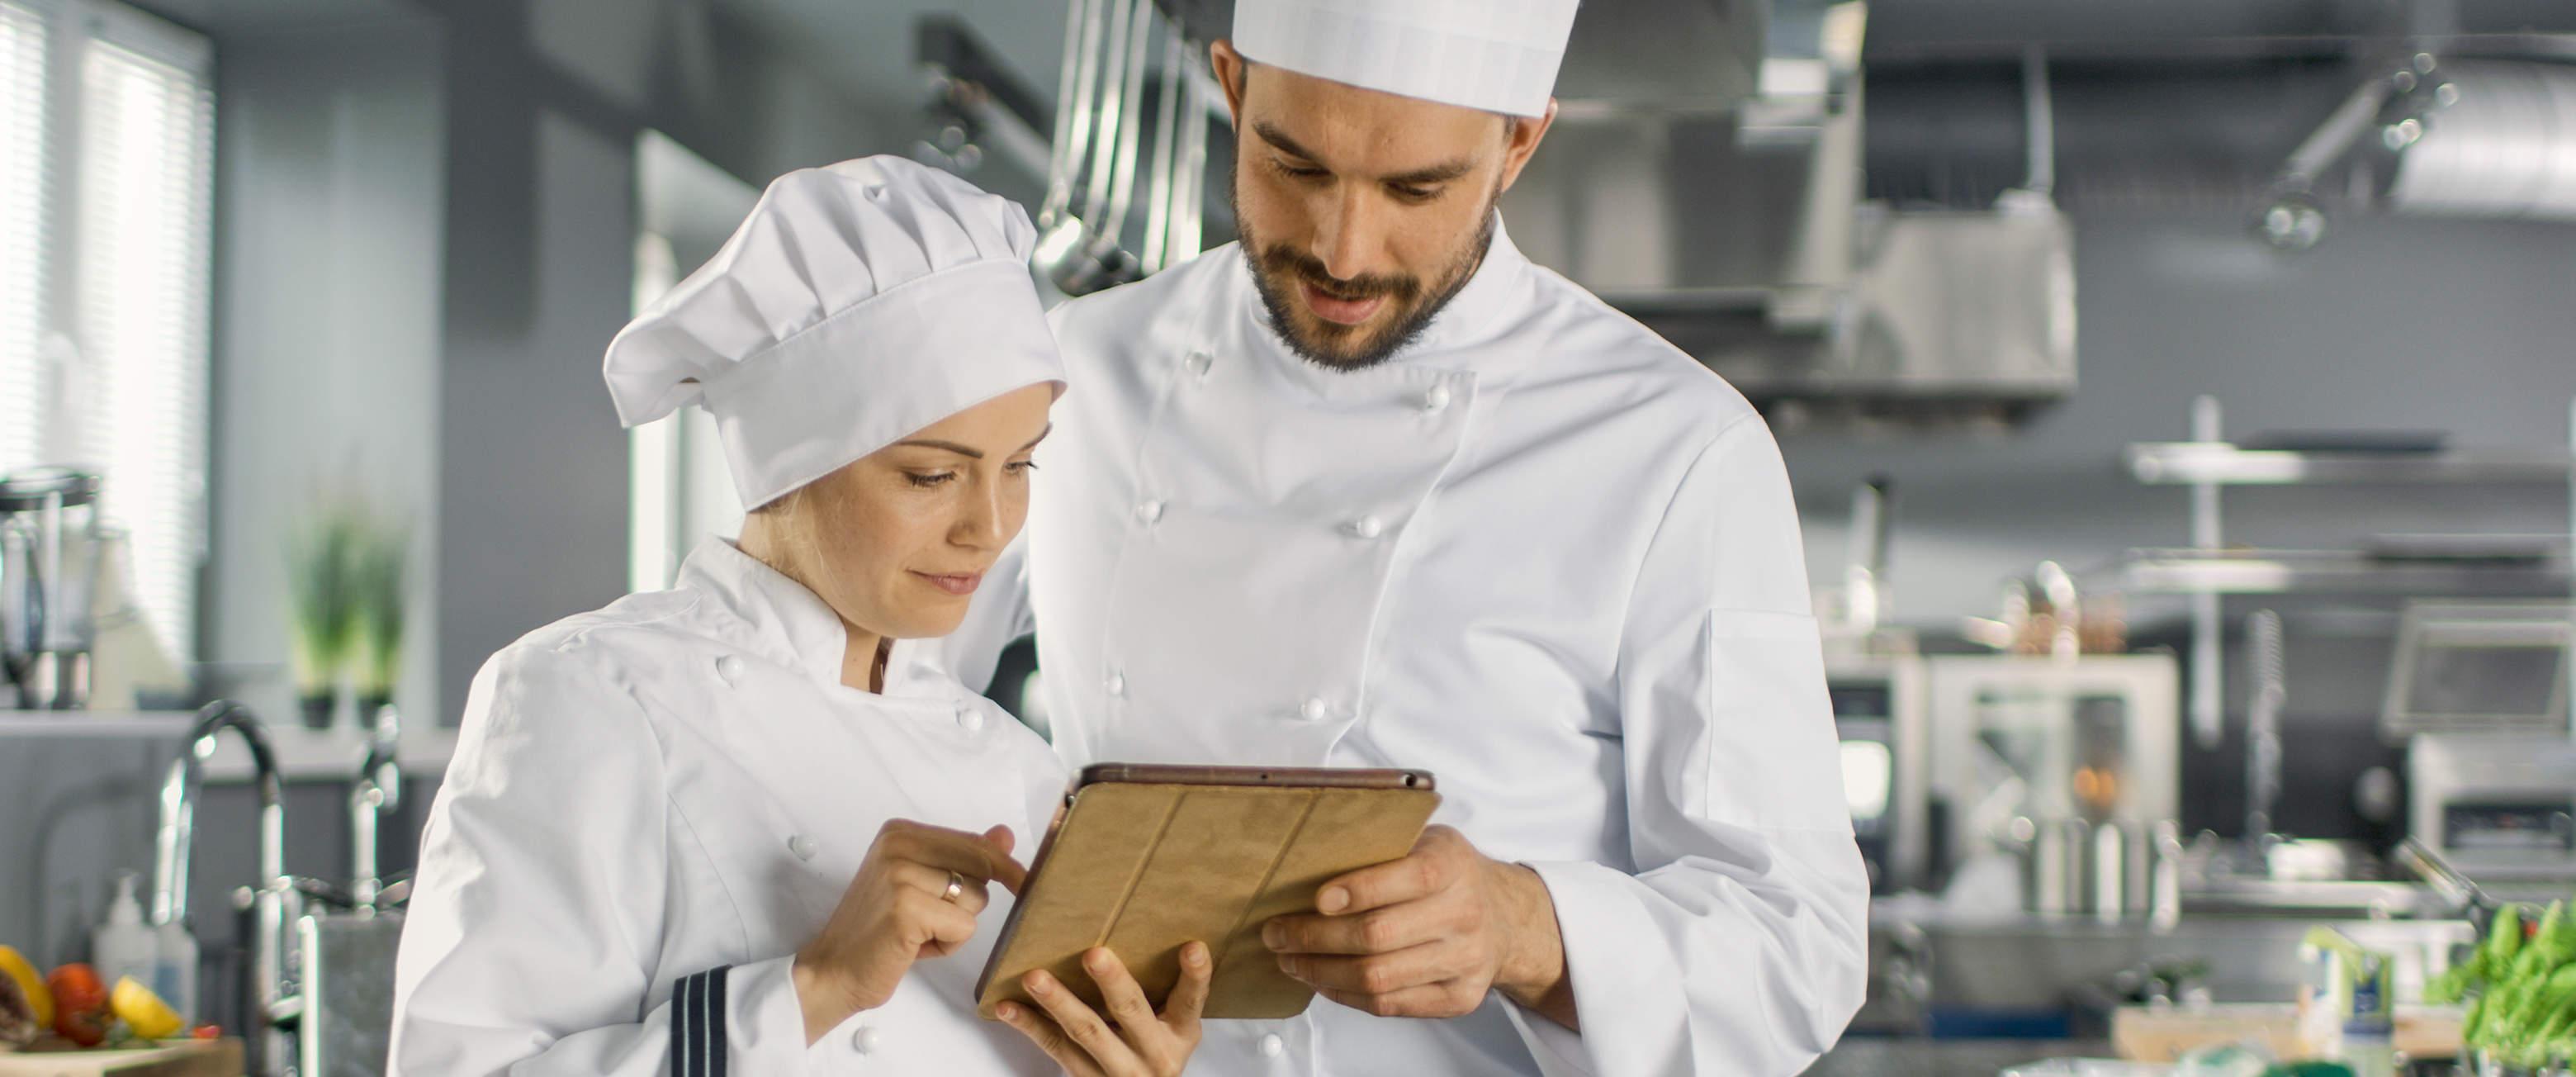 Köche informieren sich am Tablet